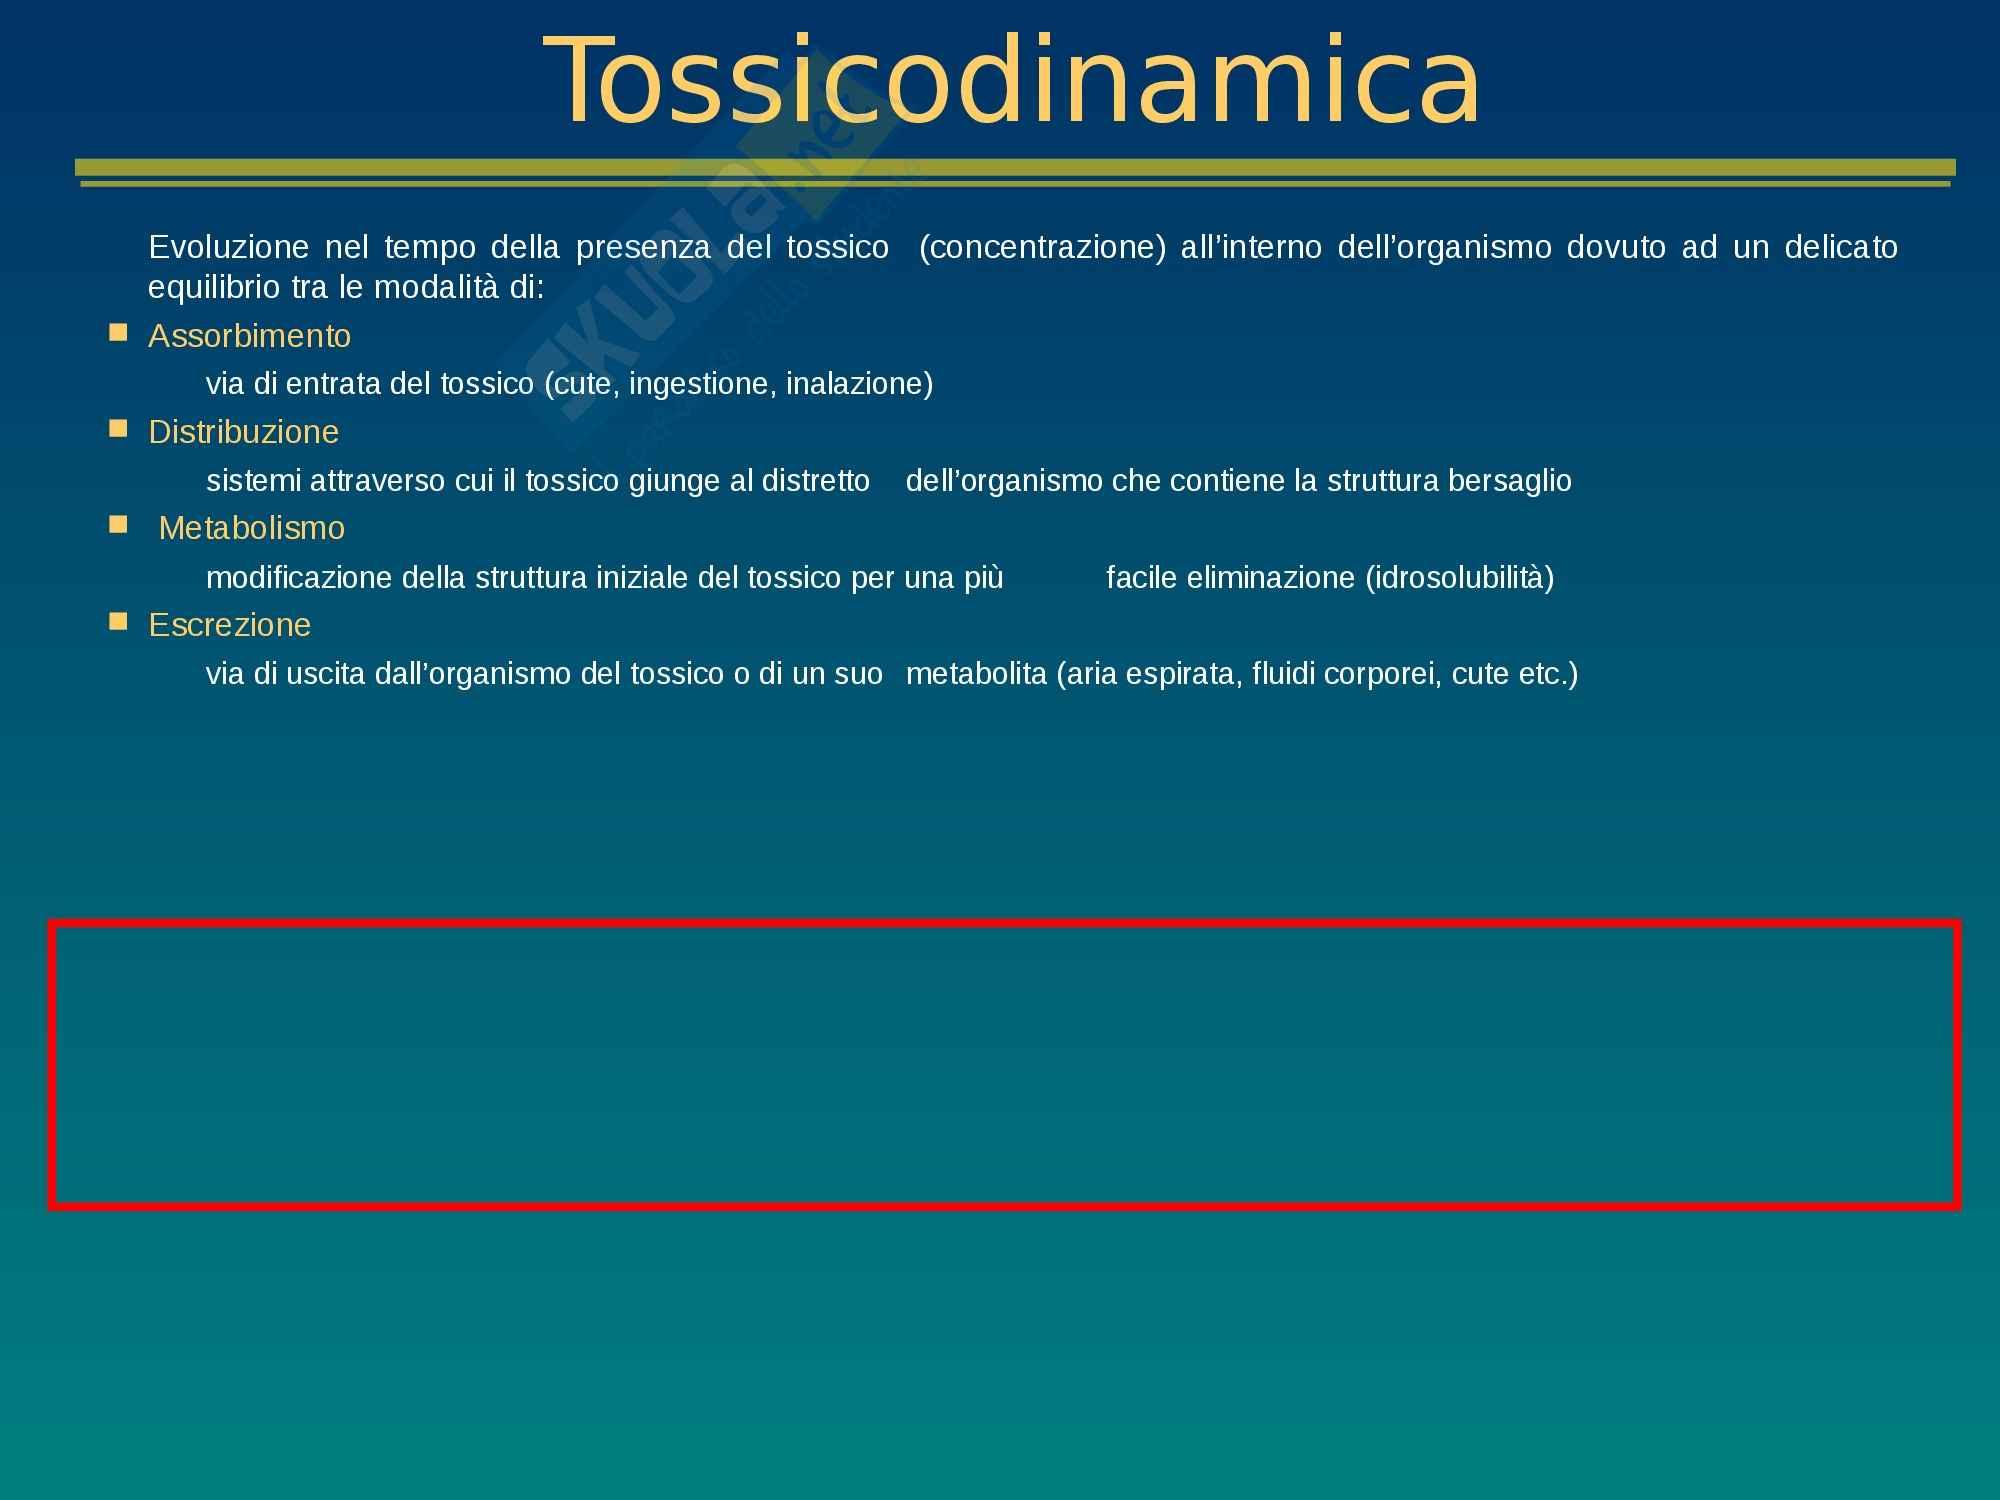 Tossicologia e mutagenesi ambientale - Appunti Lezione 5